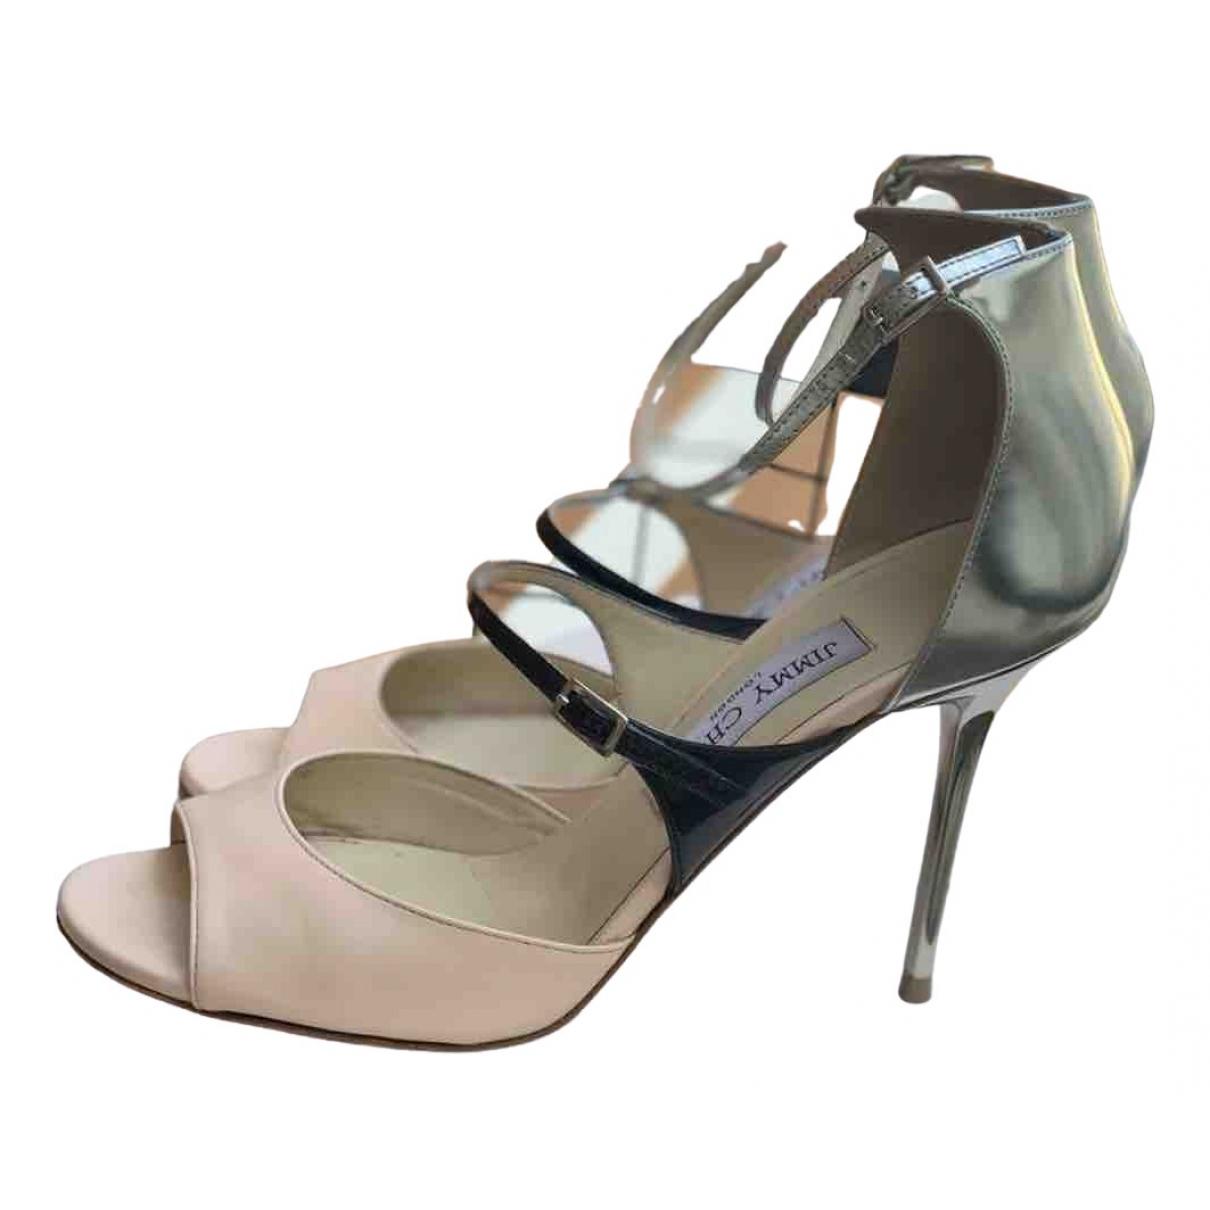 Jimmy Choo \N Silver Leather Heels for Women 38 EU